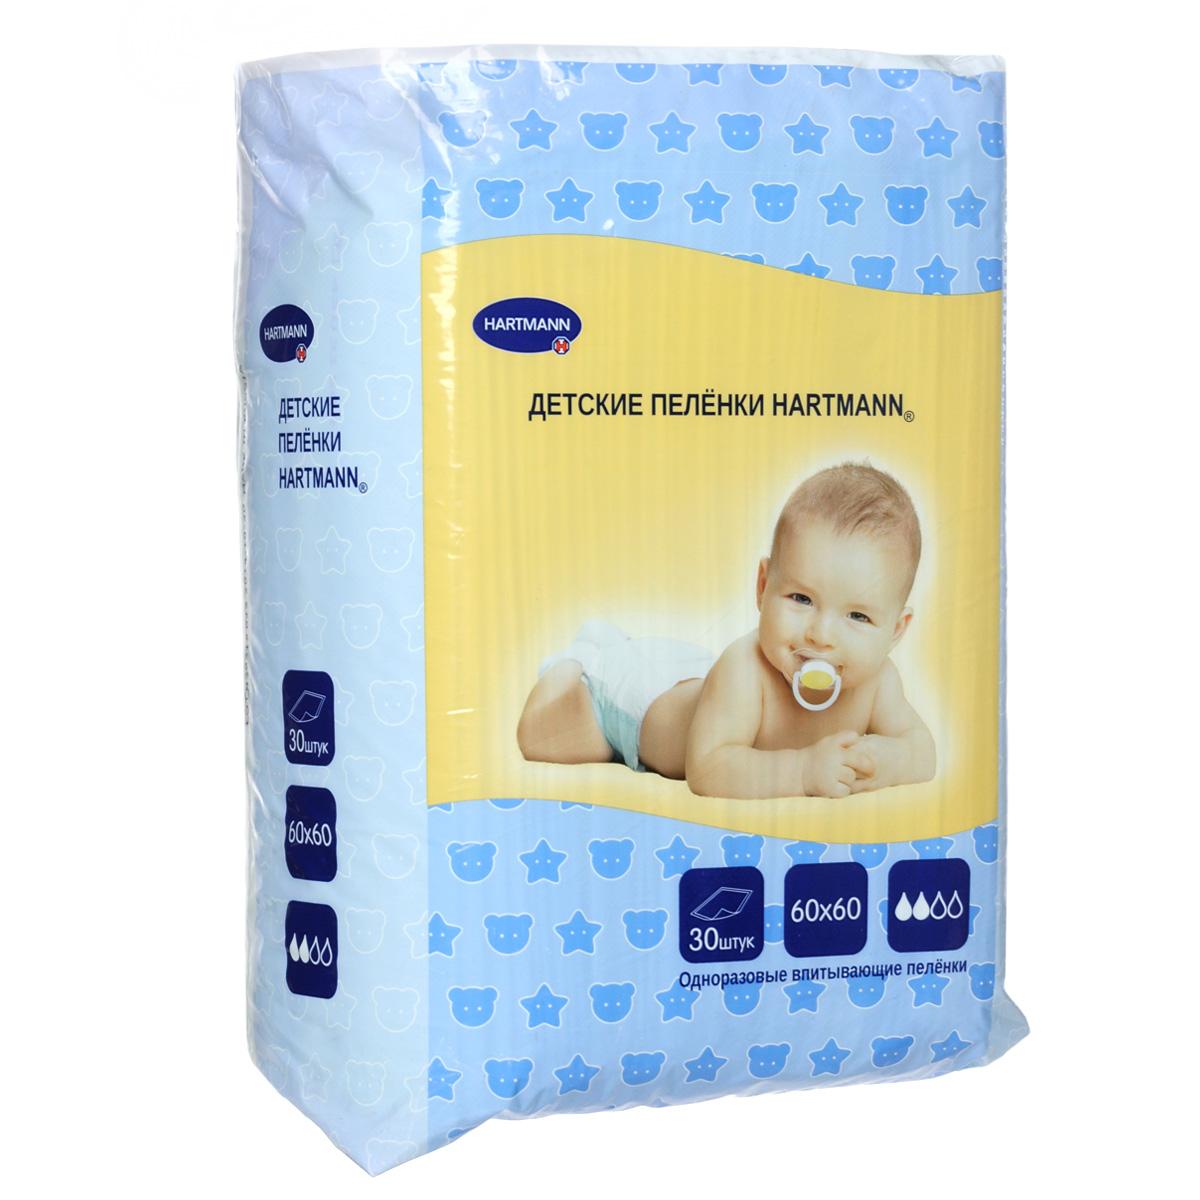 Hartmann Пеленки детские, впитывающие, 60 см х 60 см, 30 шт пелигрин пеленки впитывающие classic 60 см х 40 см 30 шт